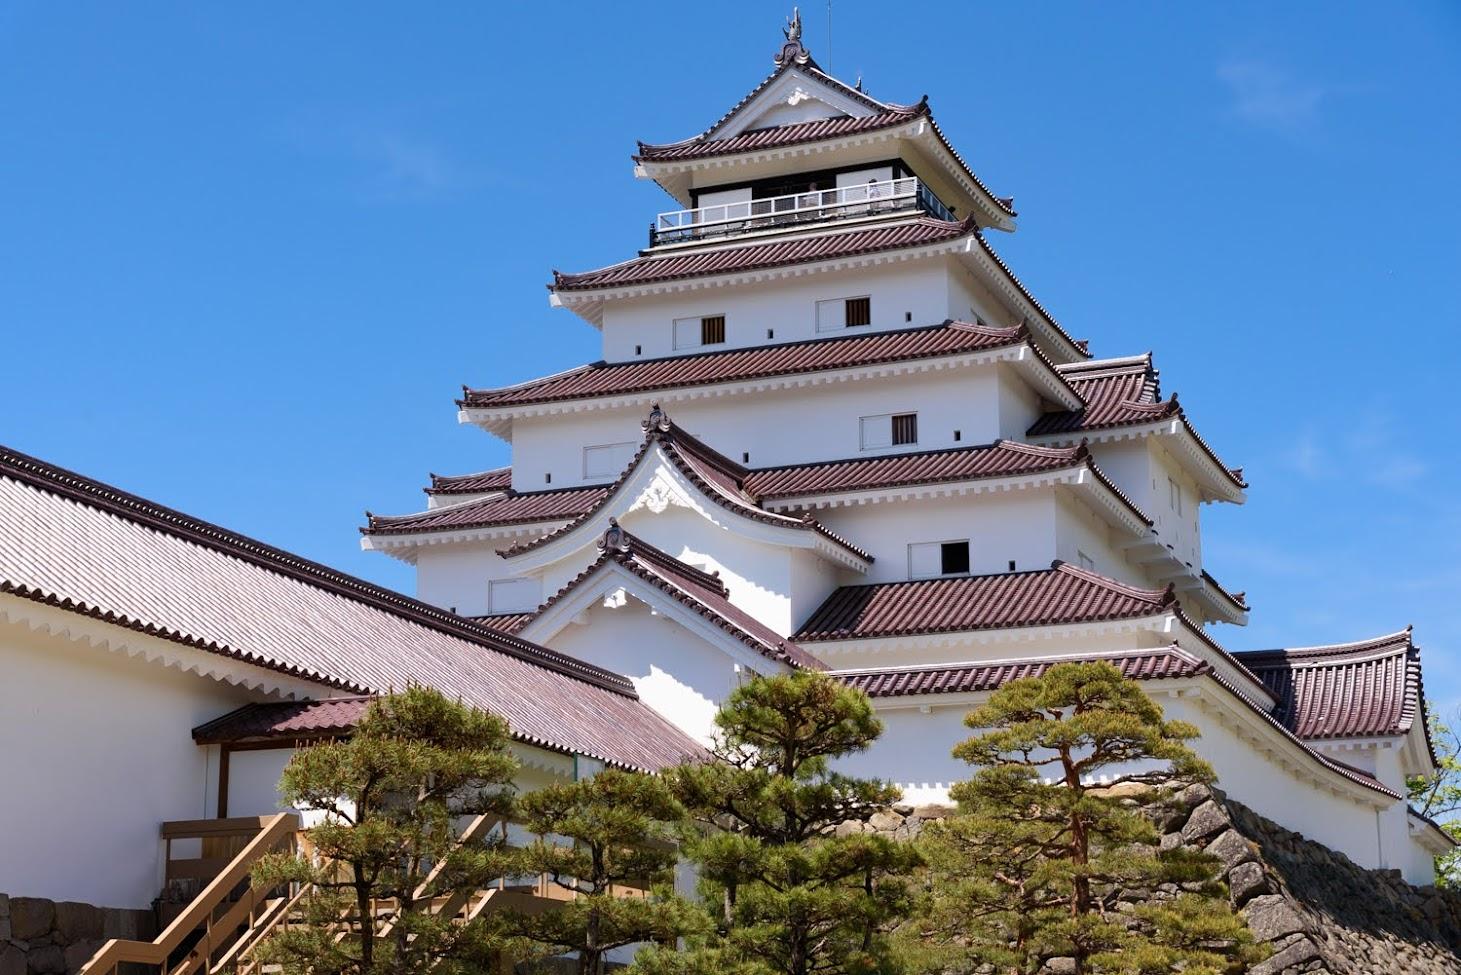 【旅22日目】城下町「会津若松」でさざえ堂(白虎隊)と鶴ヶ城を観光